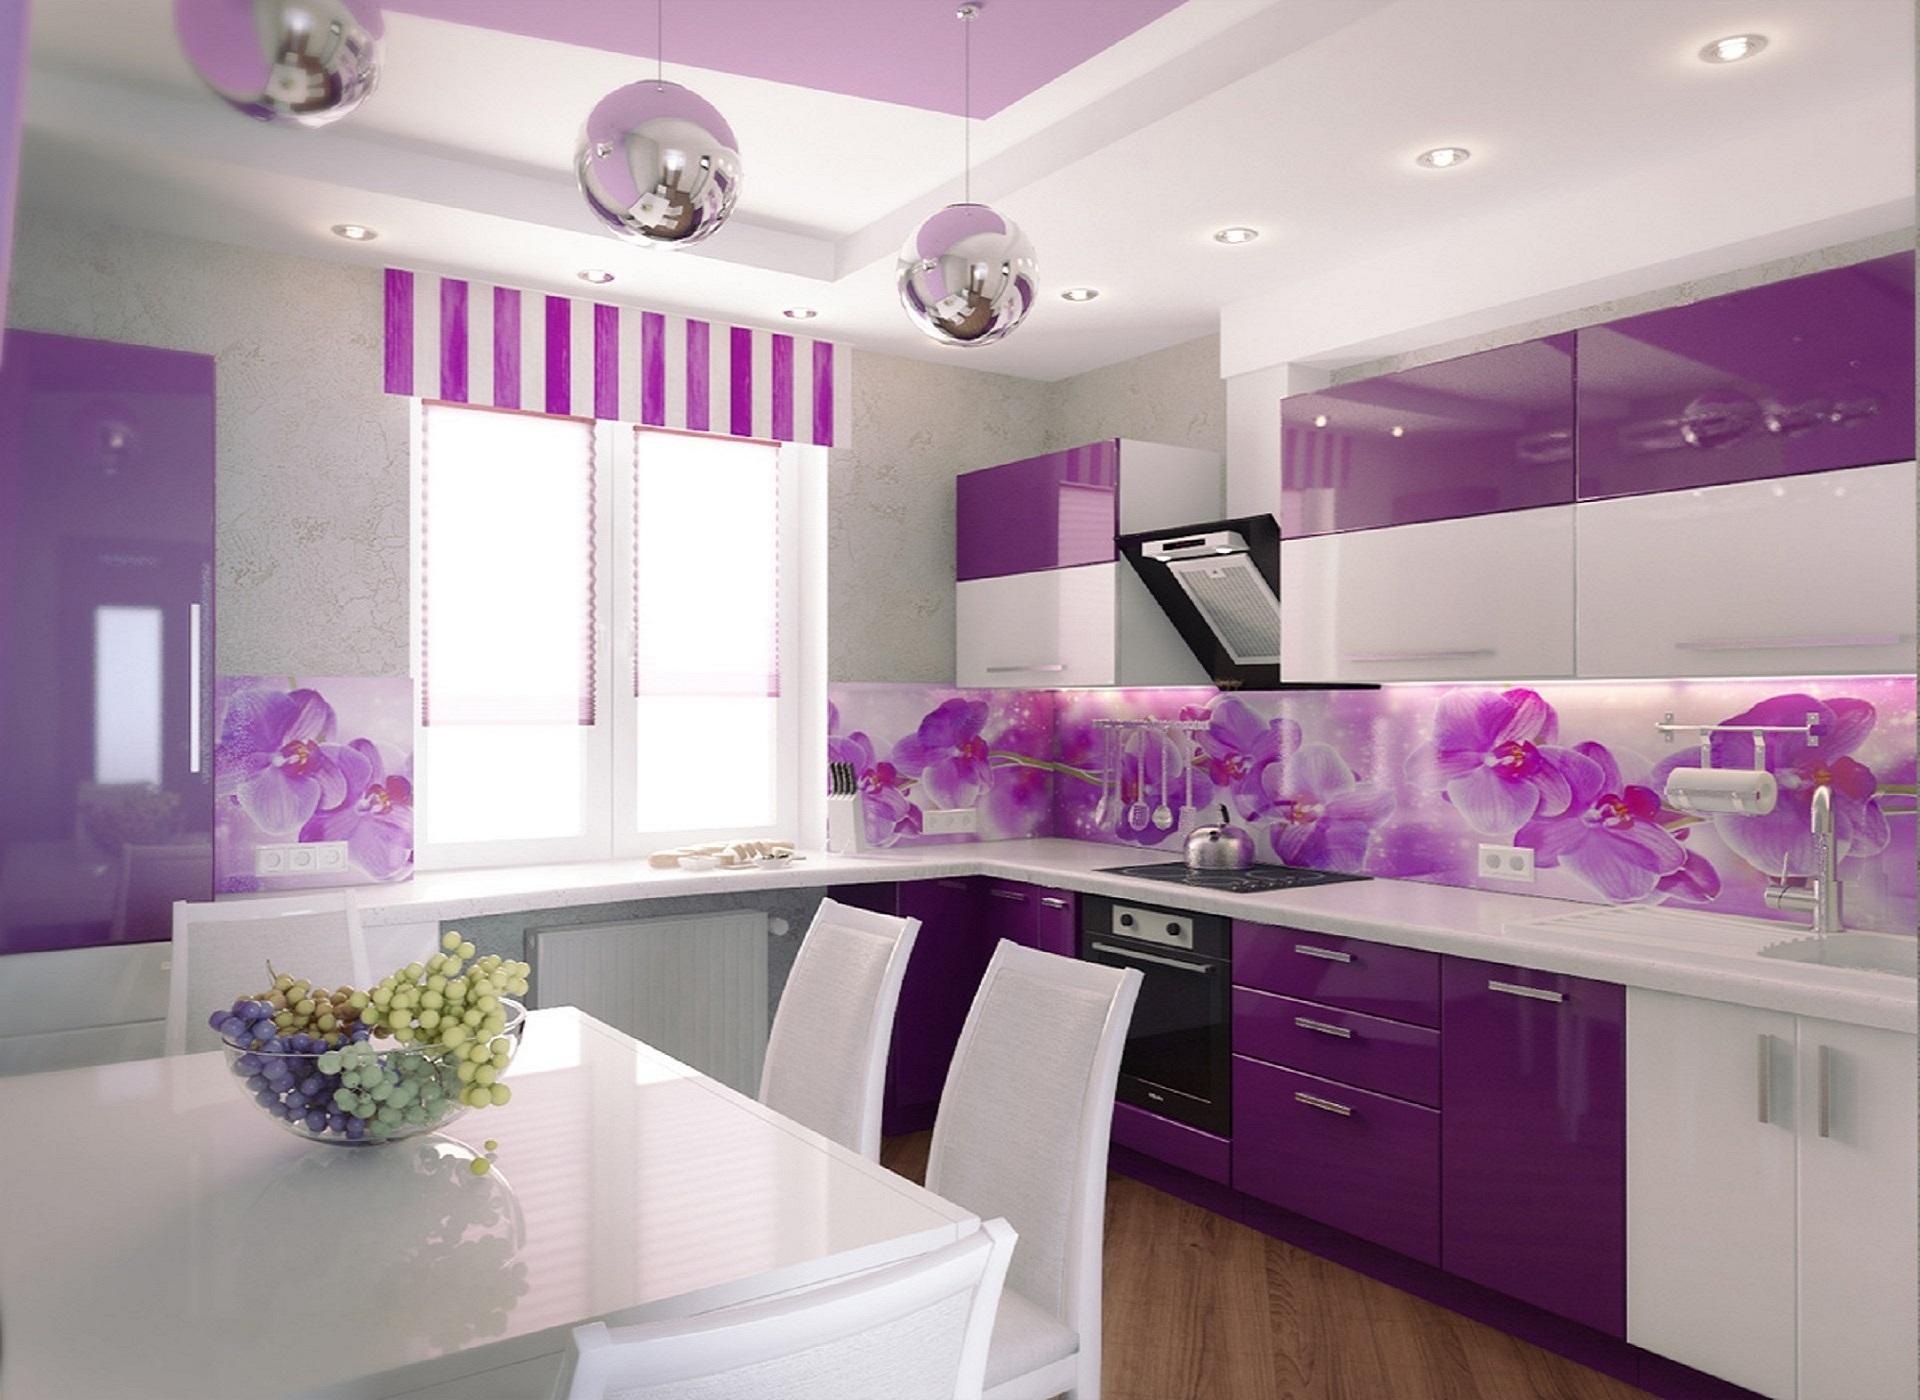 dekor dapur dengan dinding ungu motif bunga